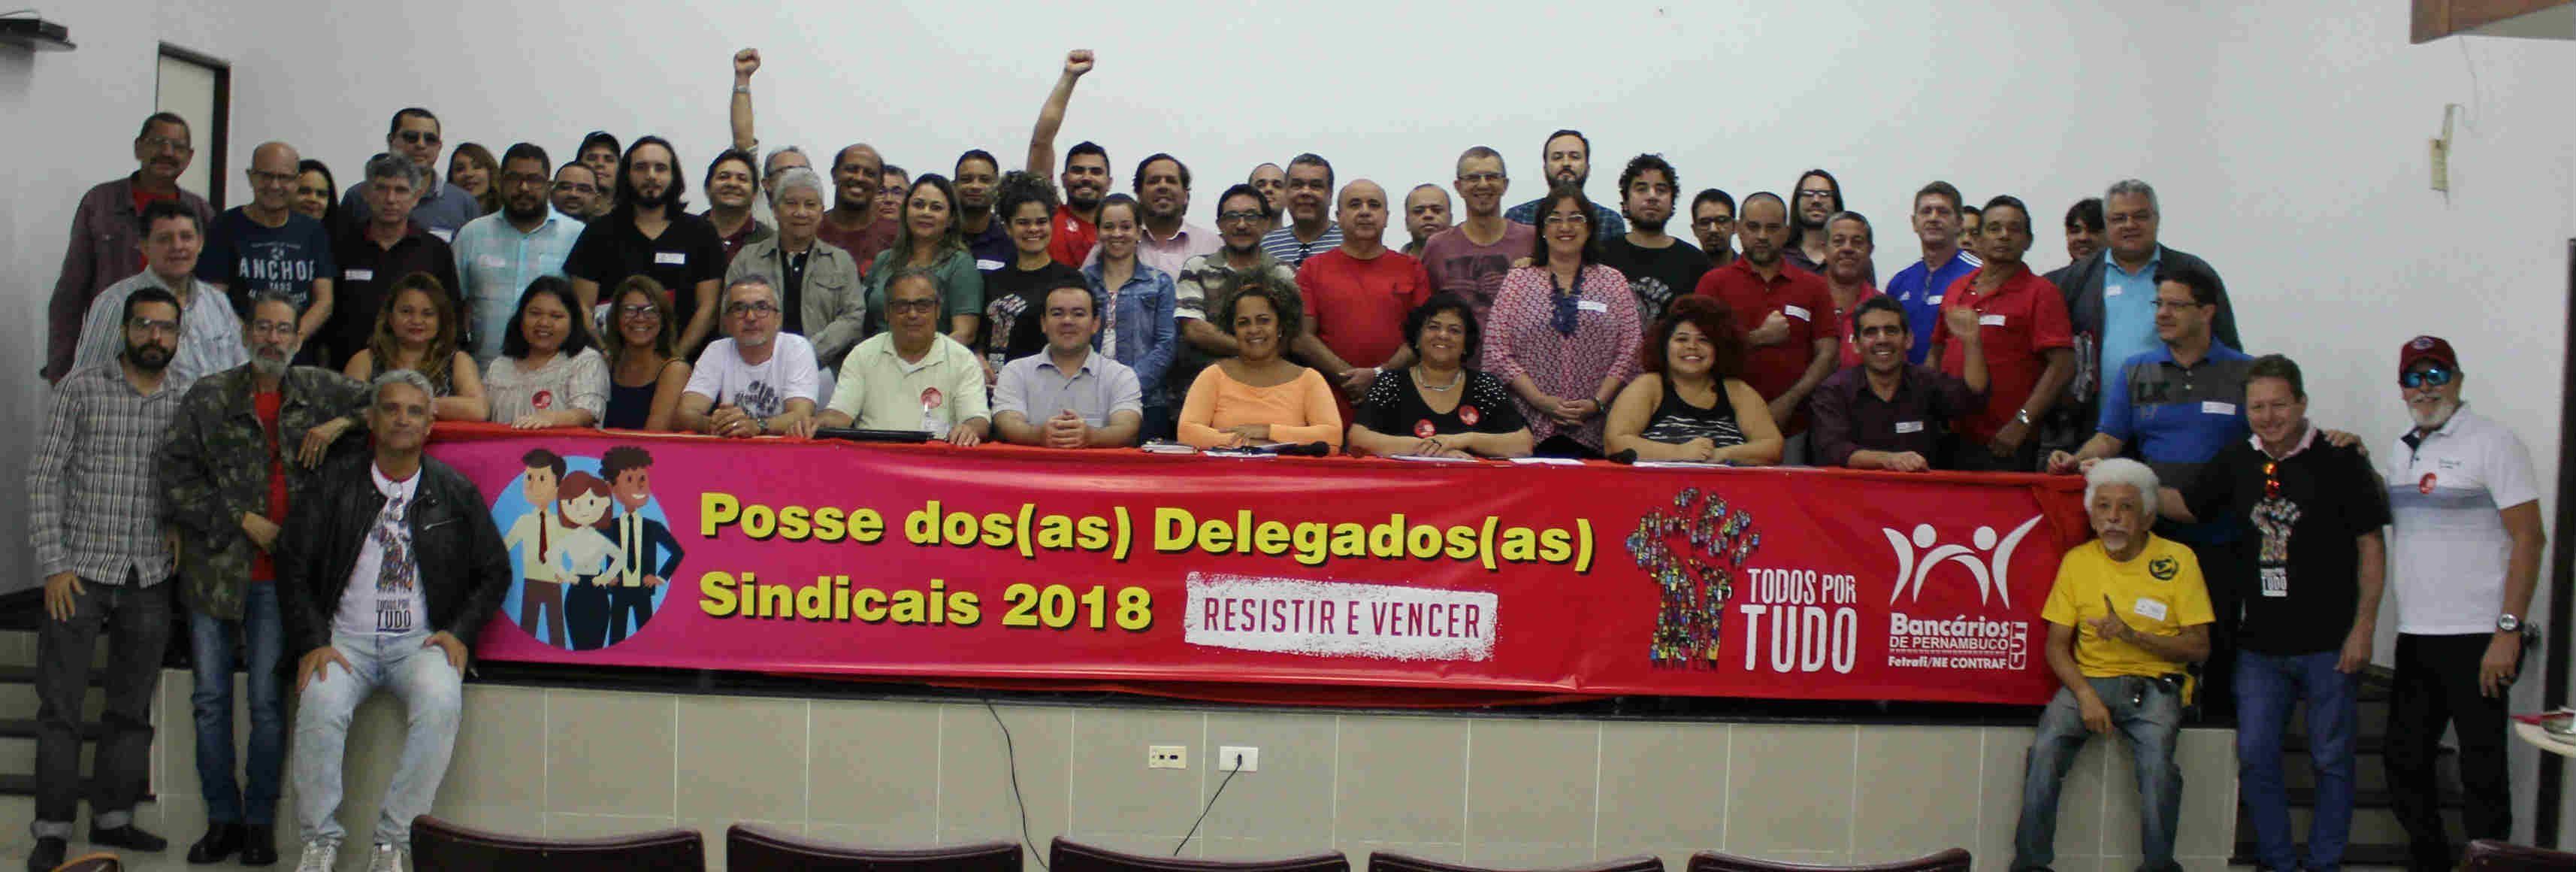 Campanha 2018 norteia Posse dos Delegados Sindicais